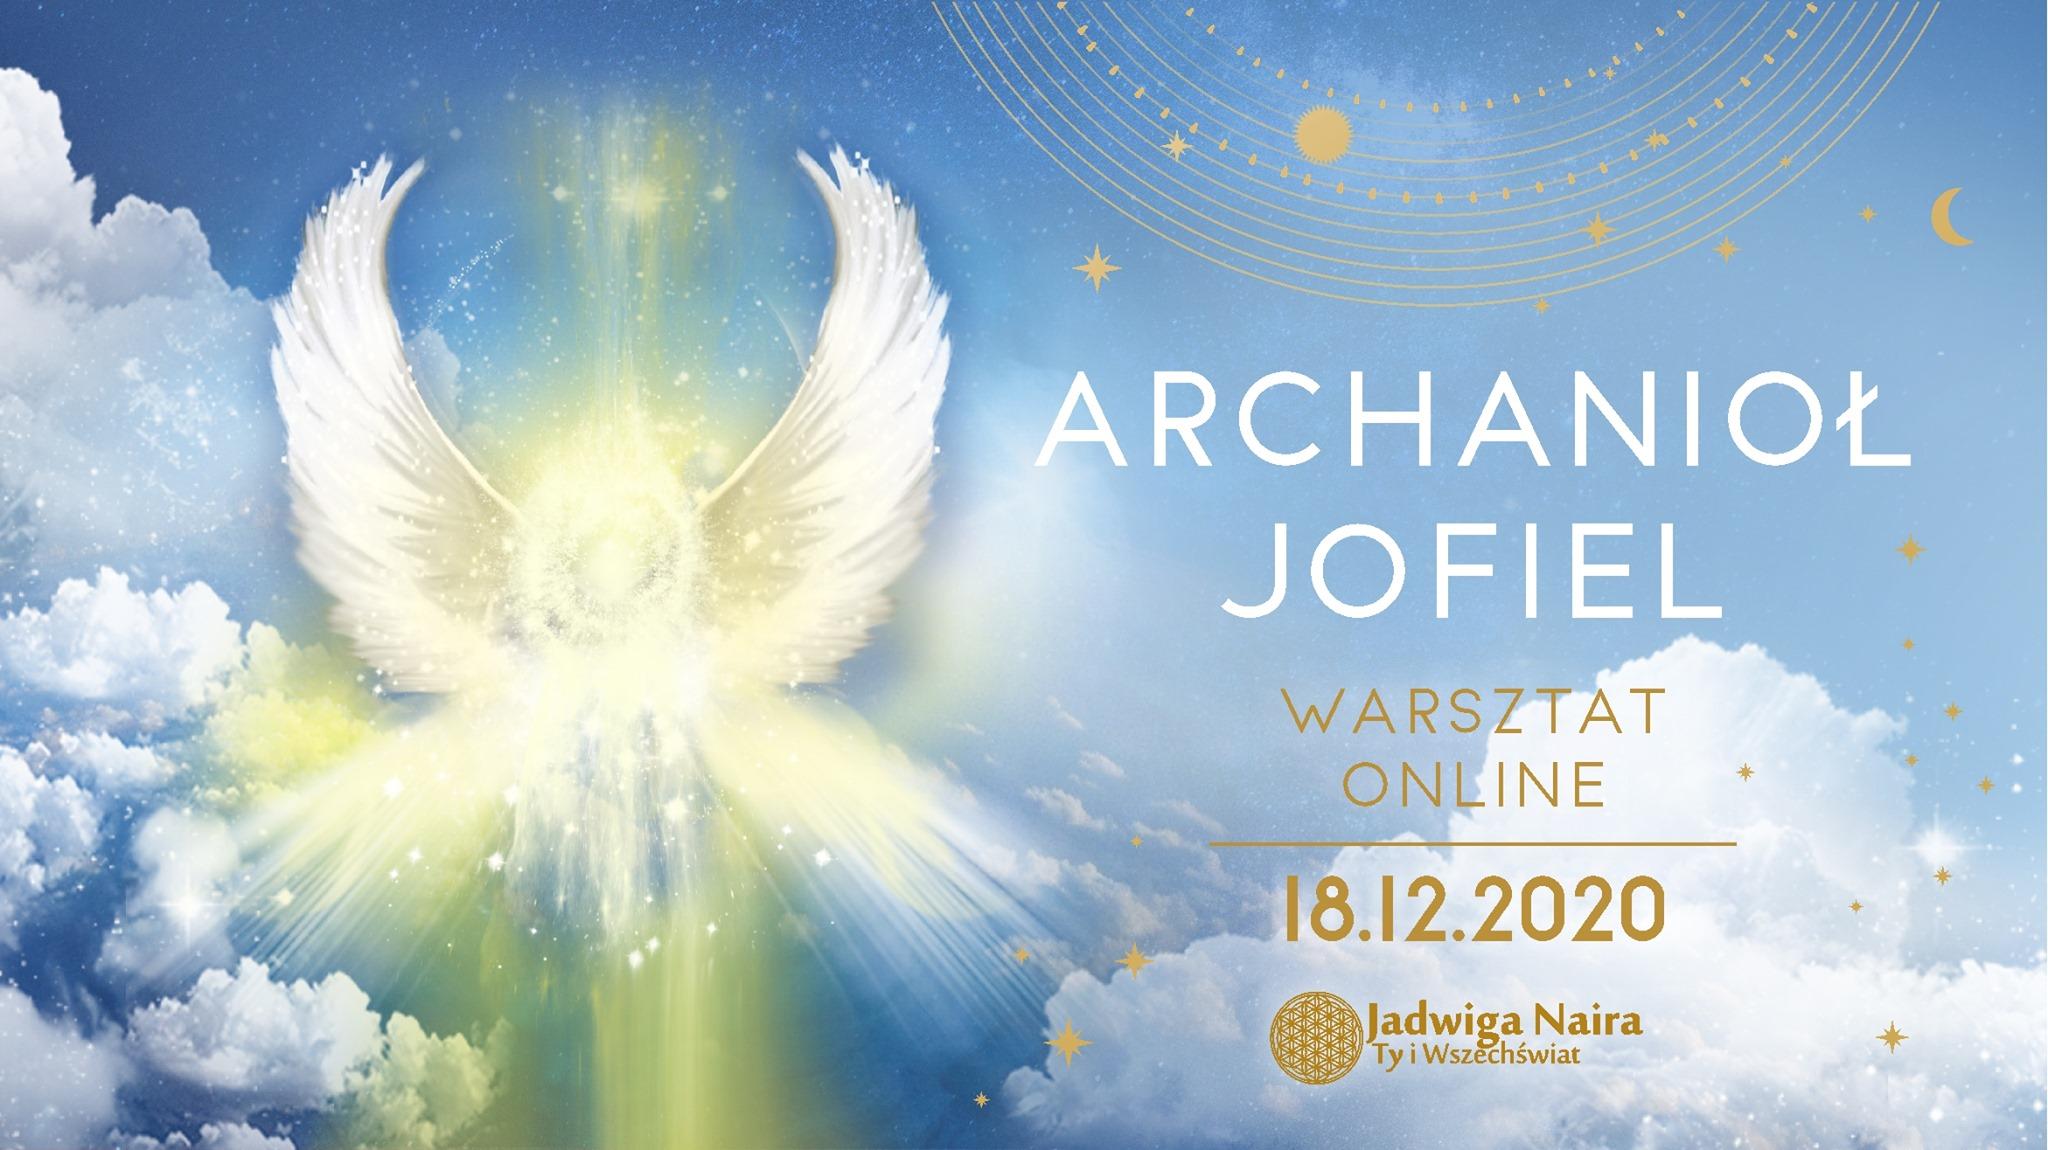 Warsztat Online - Archanioł Jofiel